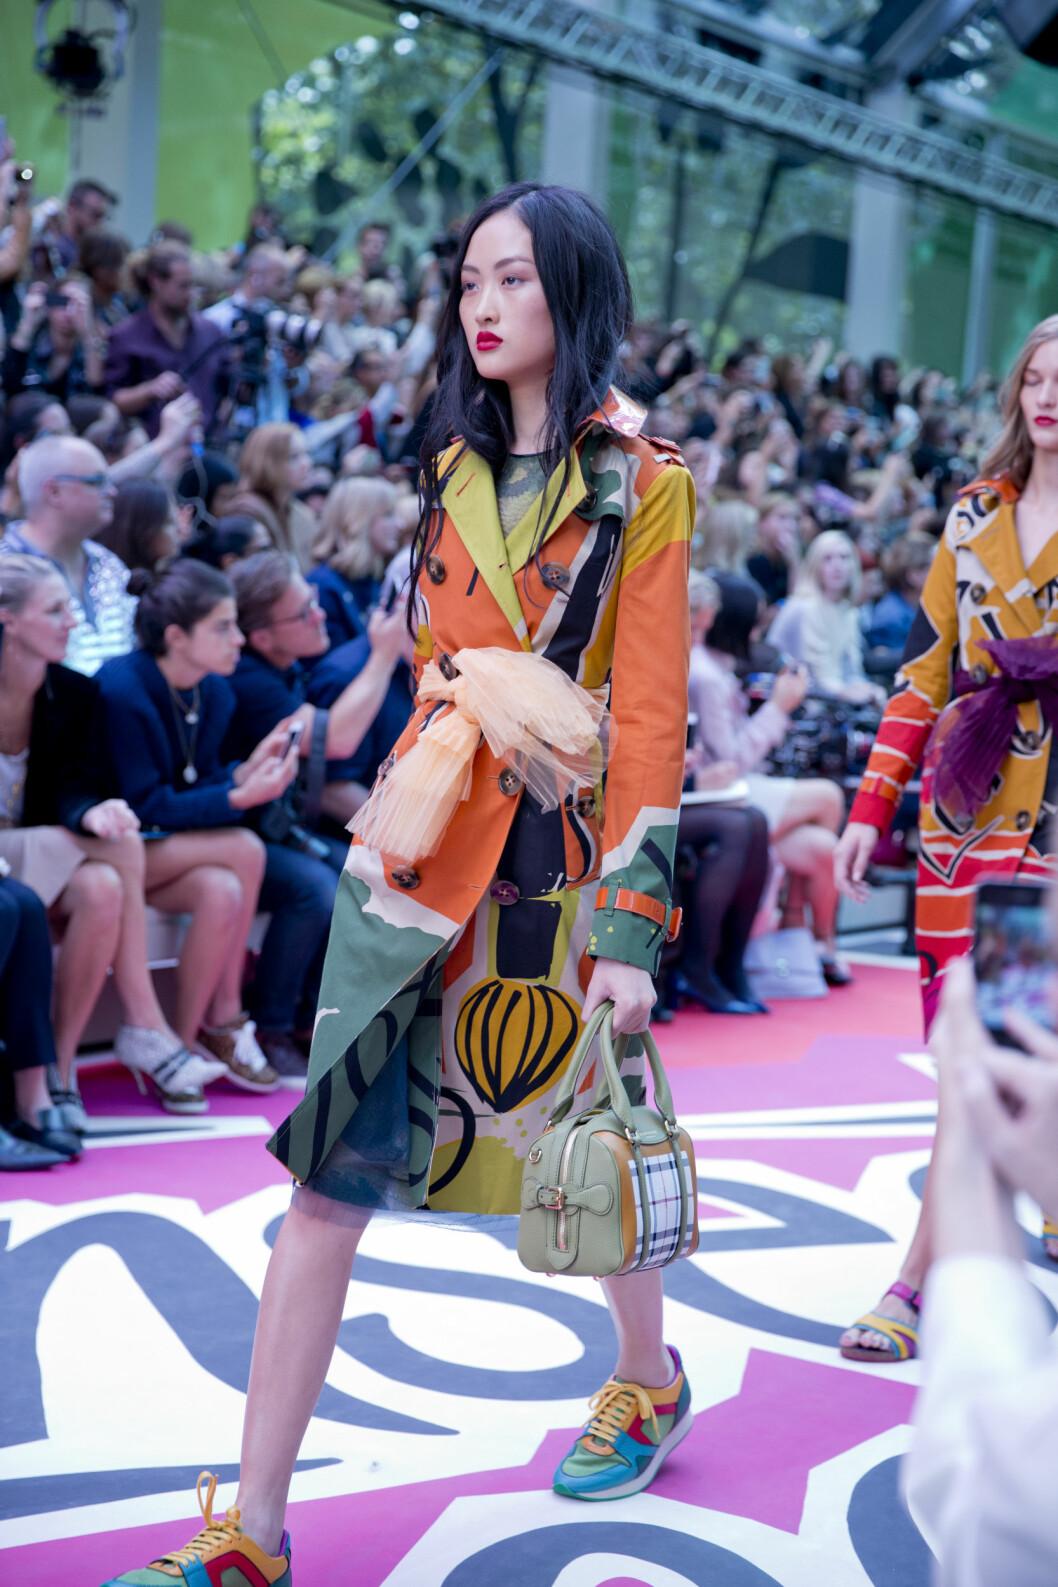 MED MATCHENDE JOGGESKO OG VESKER: Helst skal du style den muntre frakken med enda mer muntert tilbehør... Foto: Sara Johannessen / KK